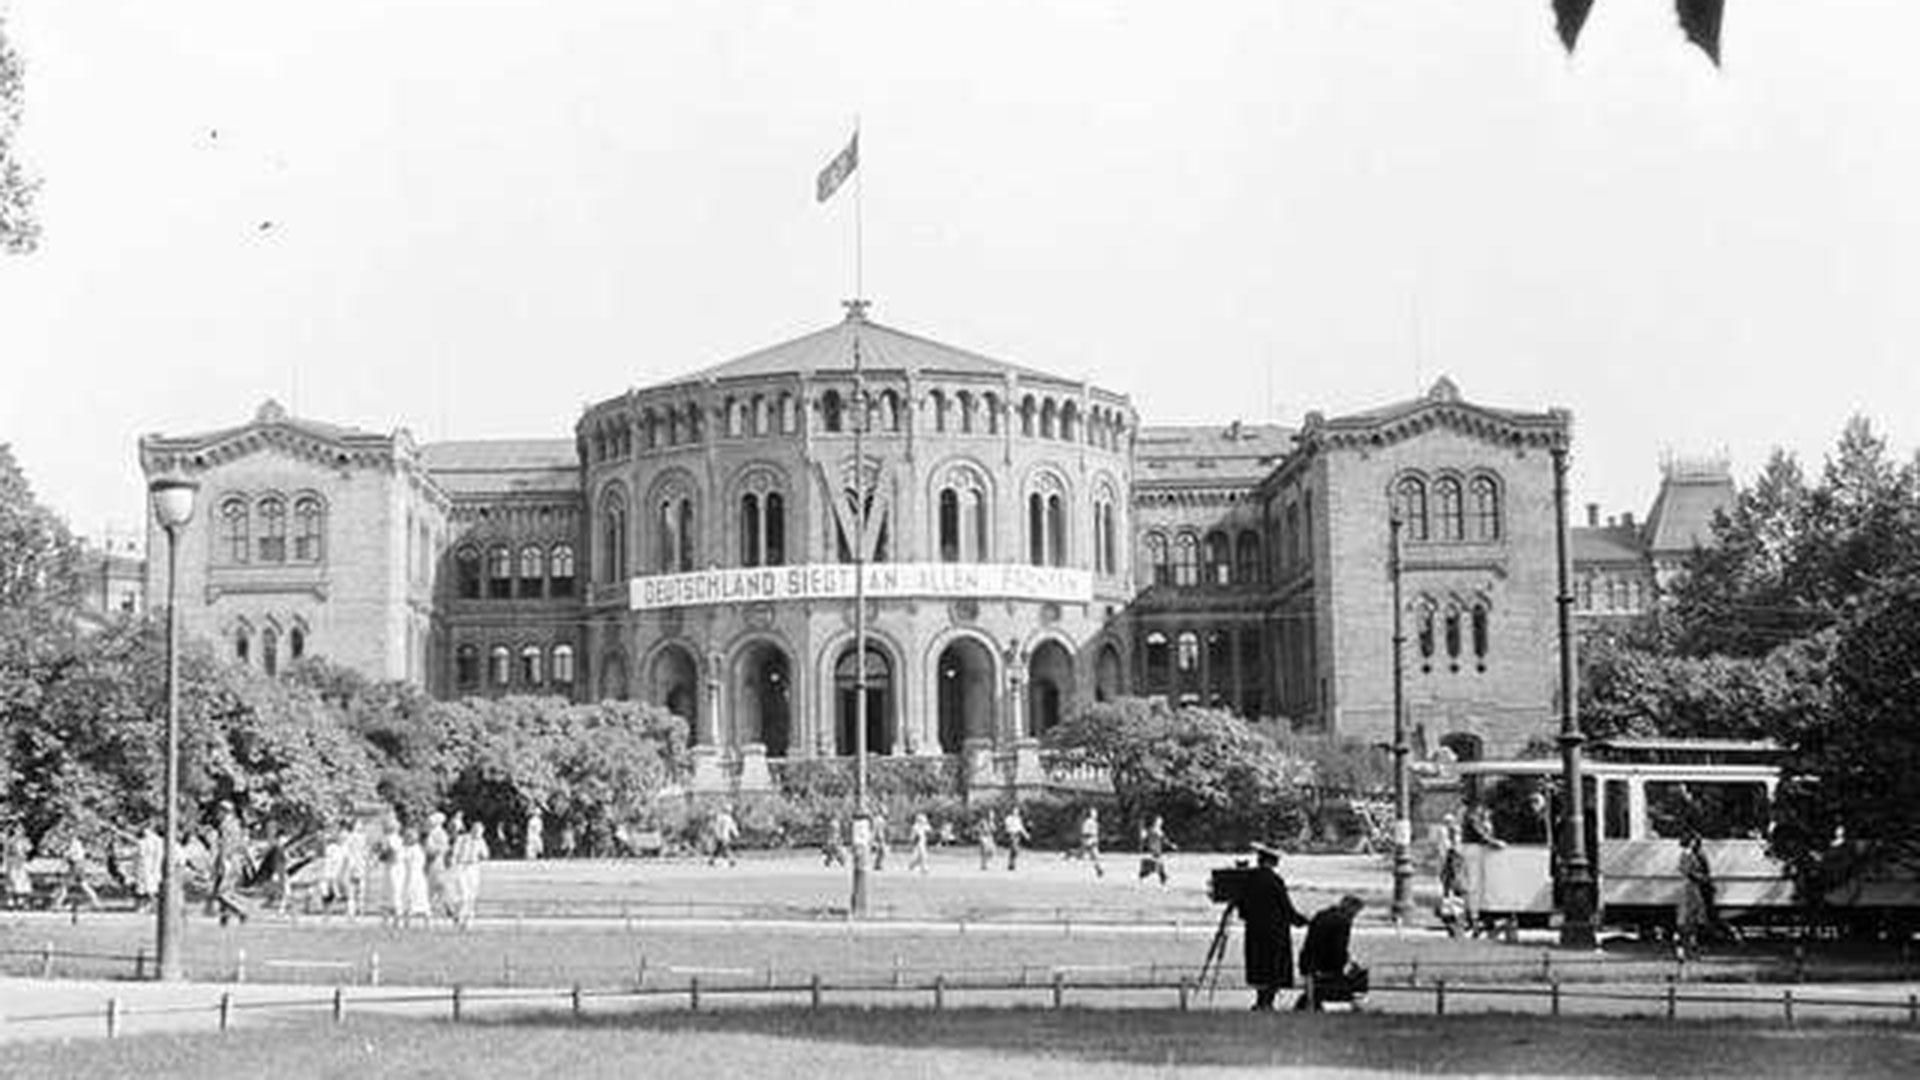 El edificio del parlamento noruego bajo ocupación nazi en mayo de 1941